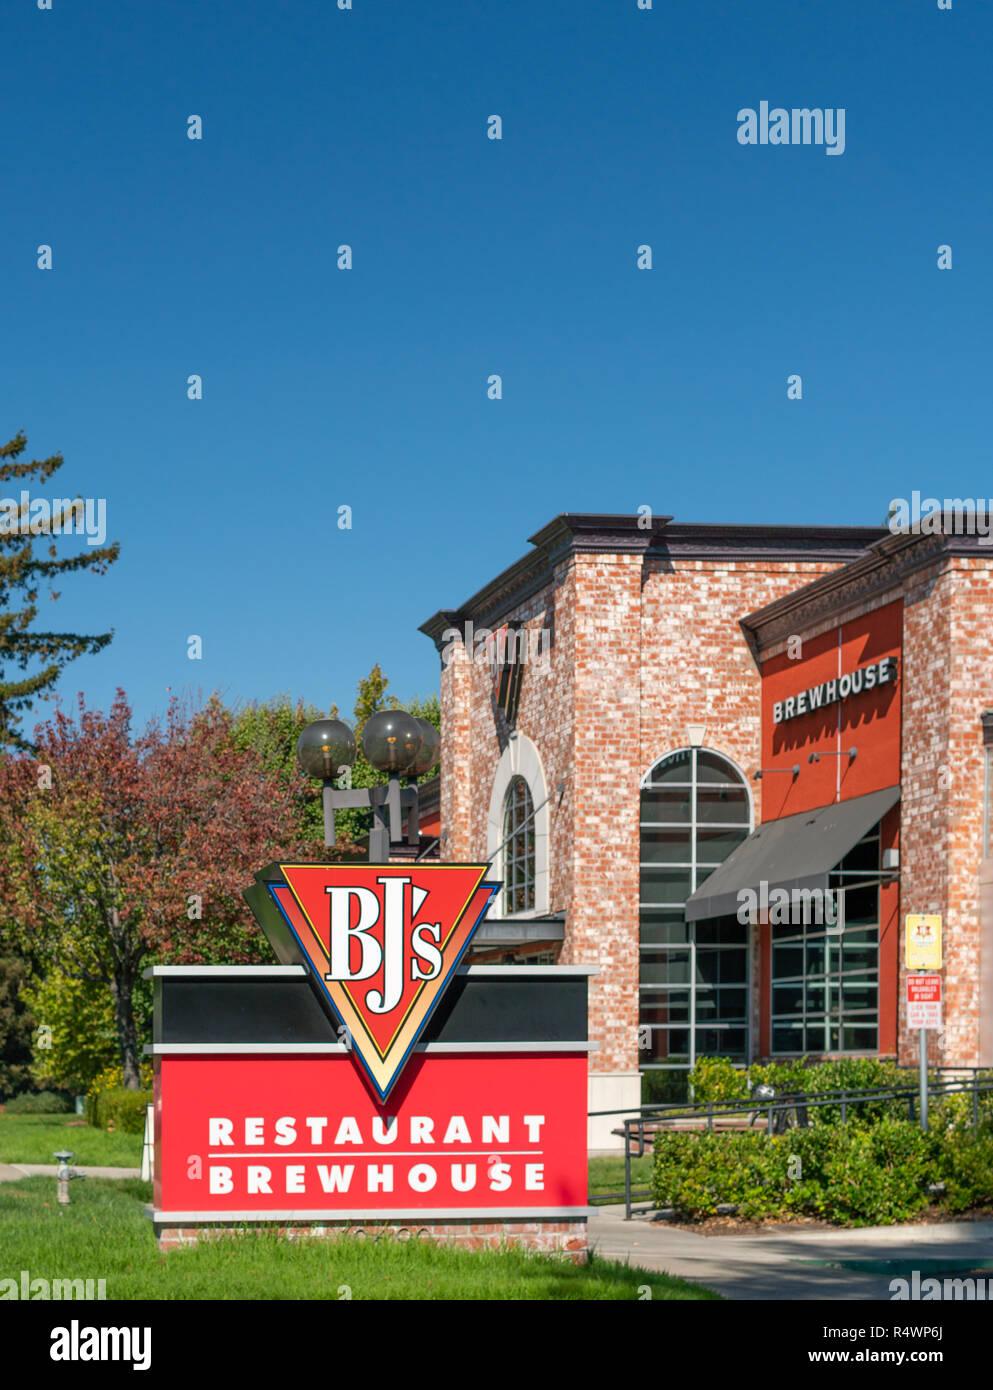 bjs restaurant sudhaus